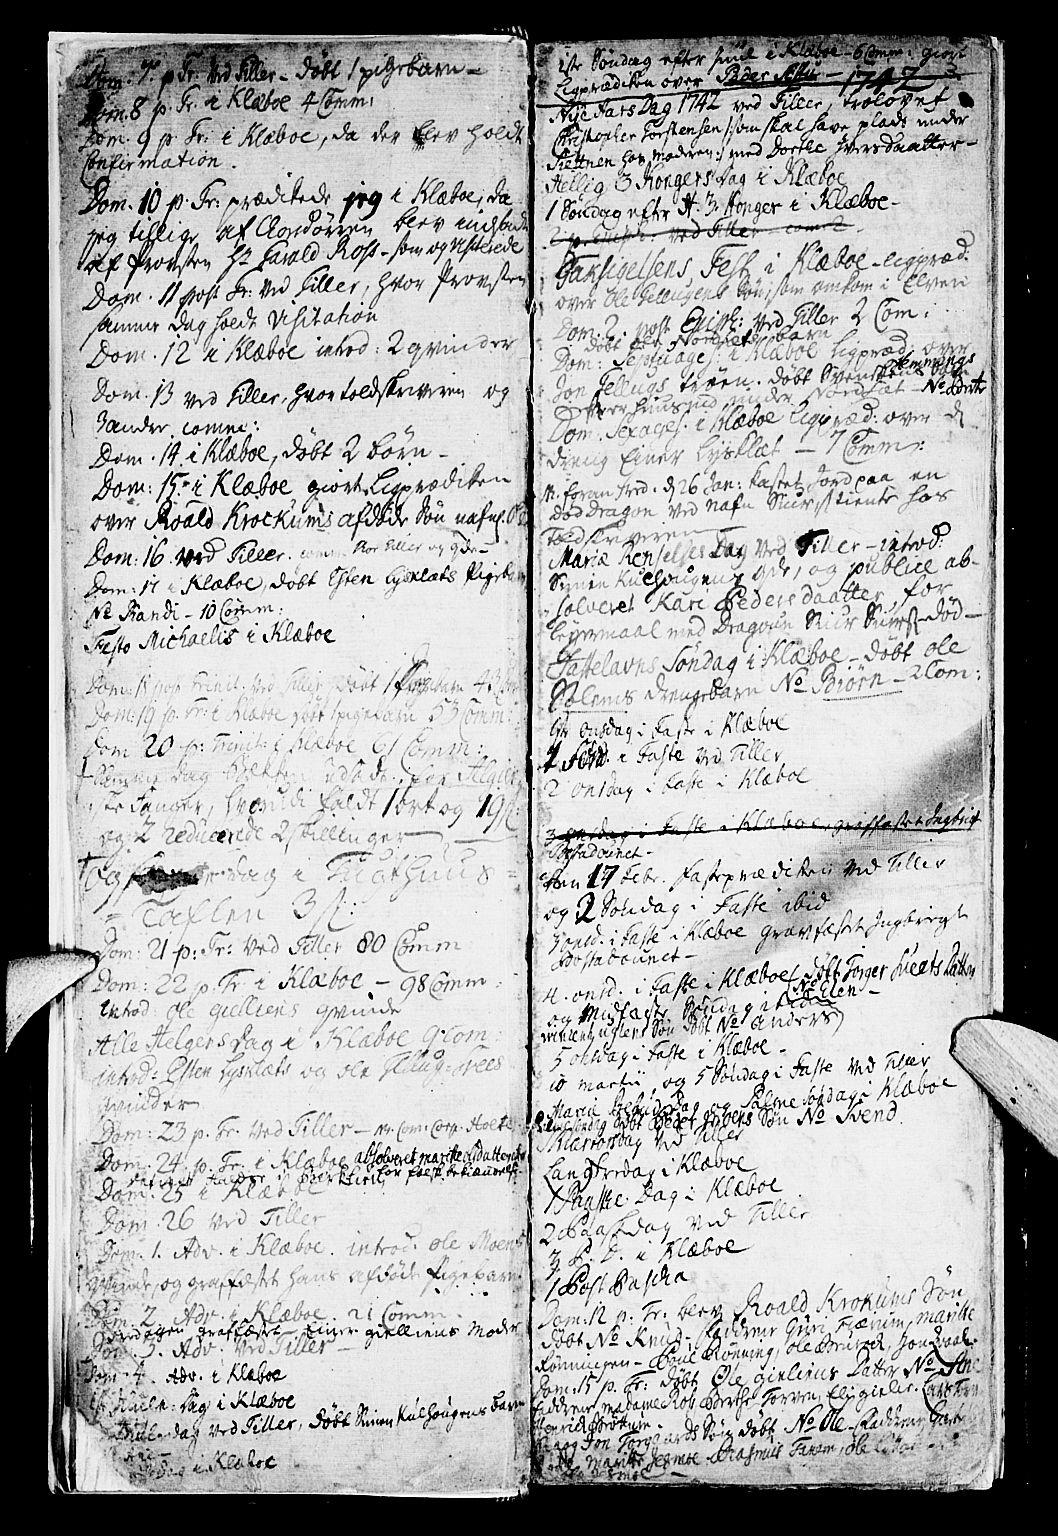 SAT, Ministerialprotokoller, klokkerbøker og fødselsregistre - Sør-Trøndelag, 618/L0436: Ministerialbok nr. 618A01, 1741-1749, s. 3